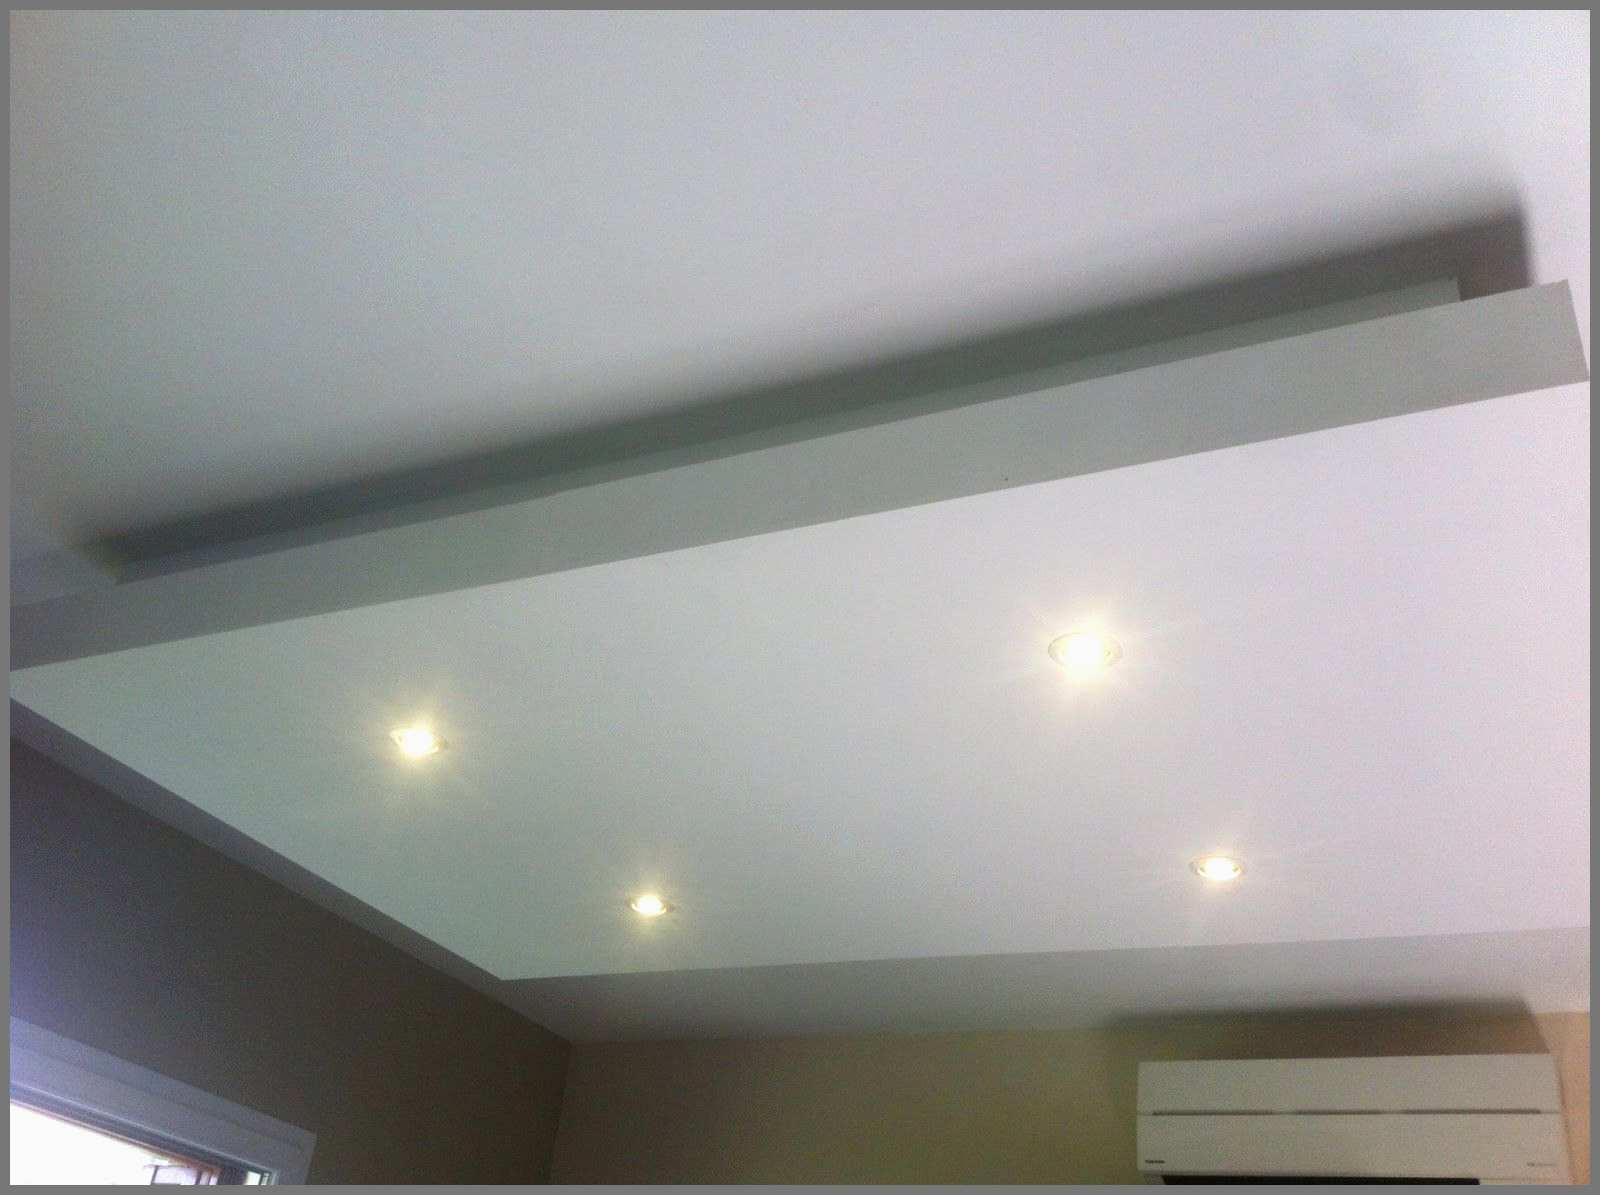 Un plafond de spot lumineux